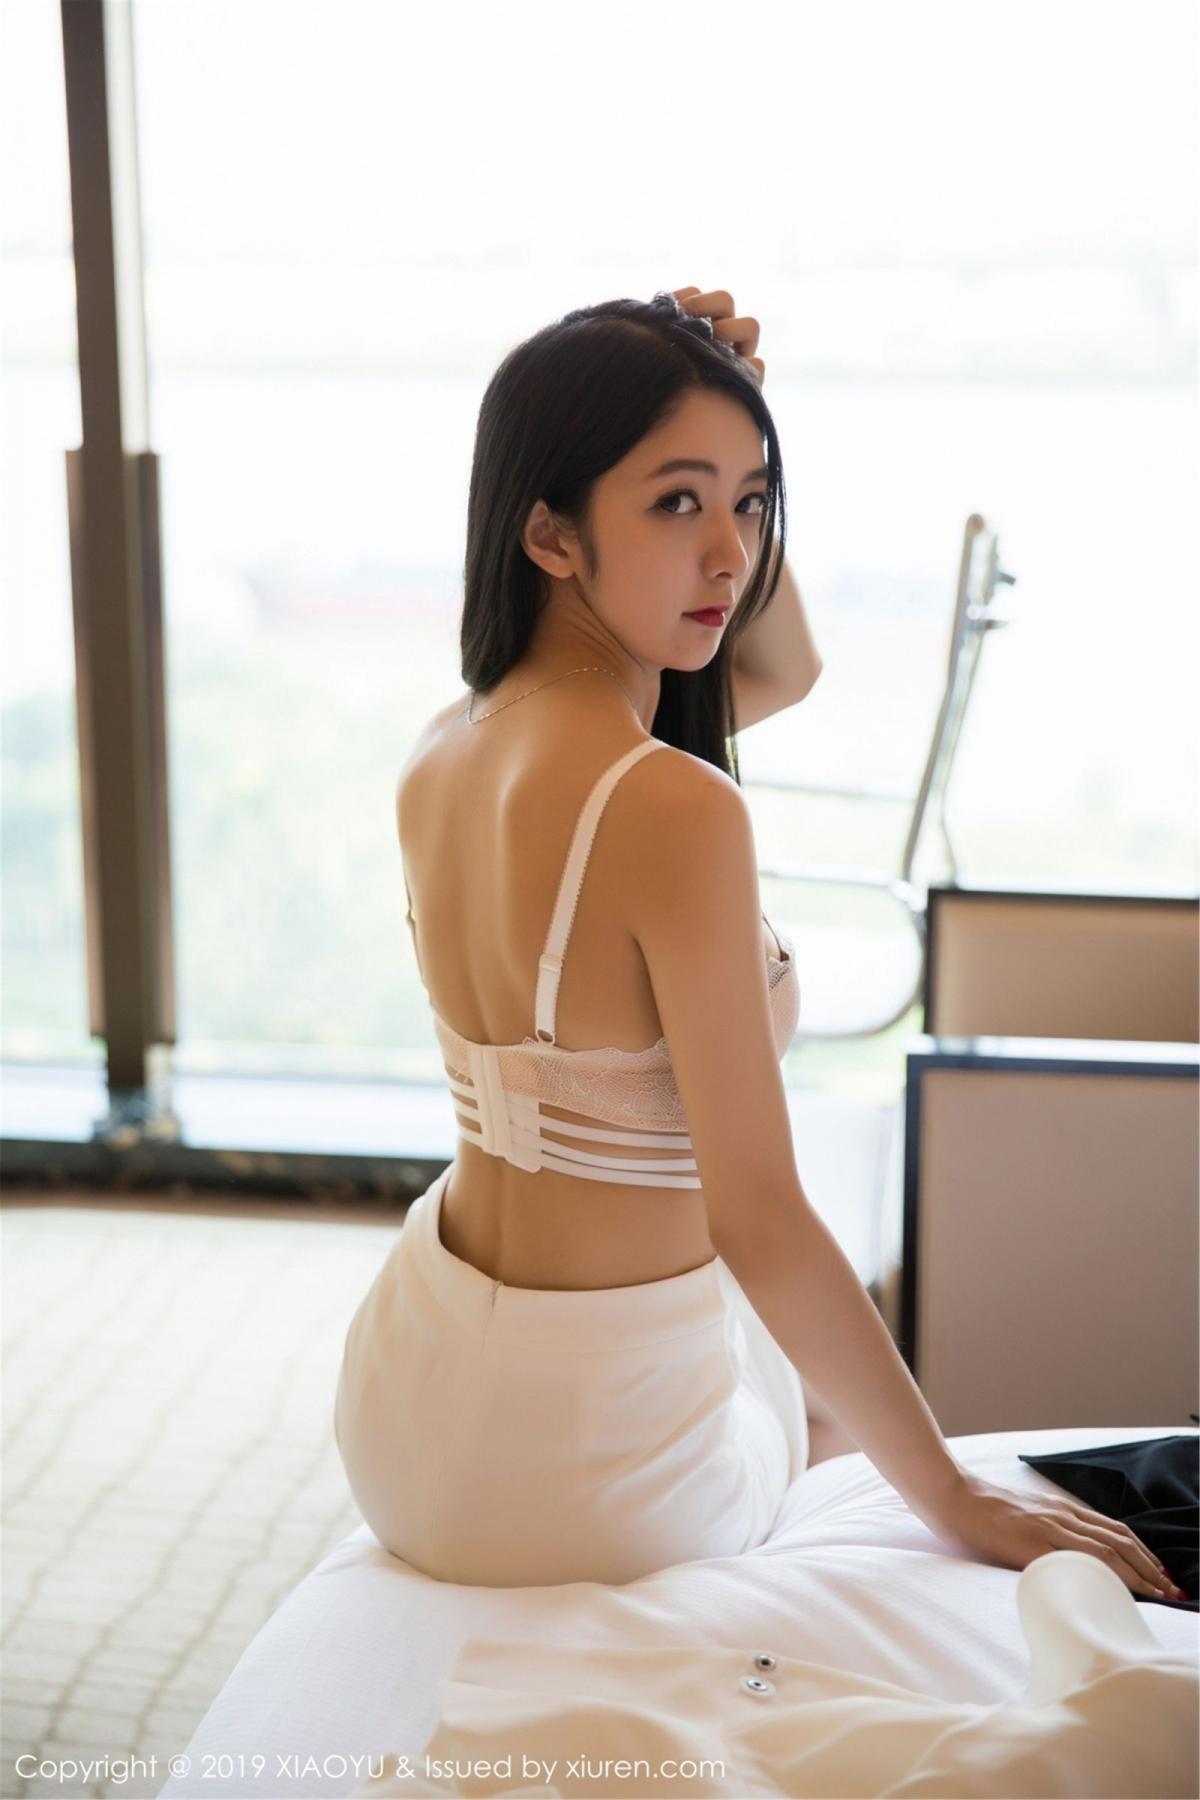 [XiaoYu] Vol.052 desertrmb 2P, Di Yi, Foot, Underwear, XiaoYu